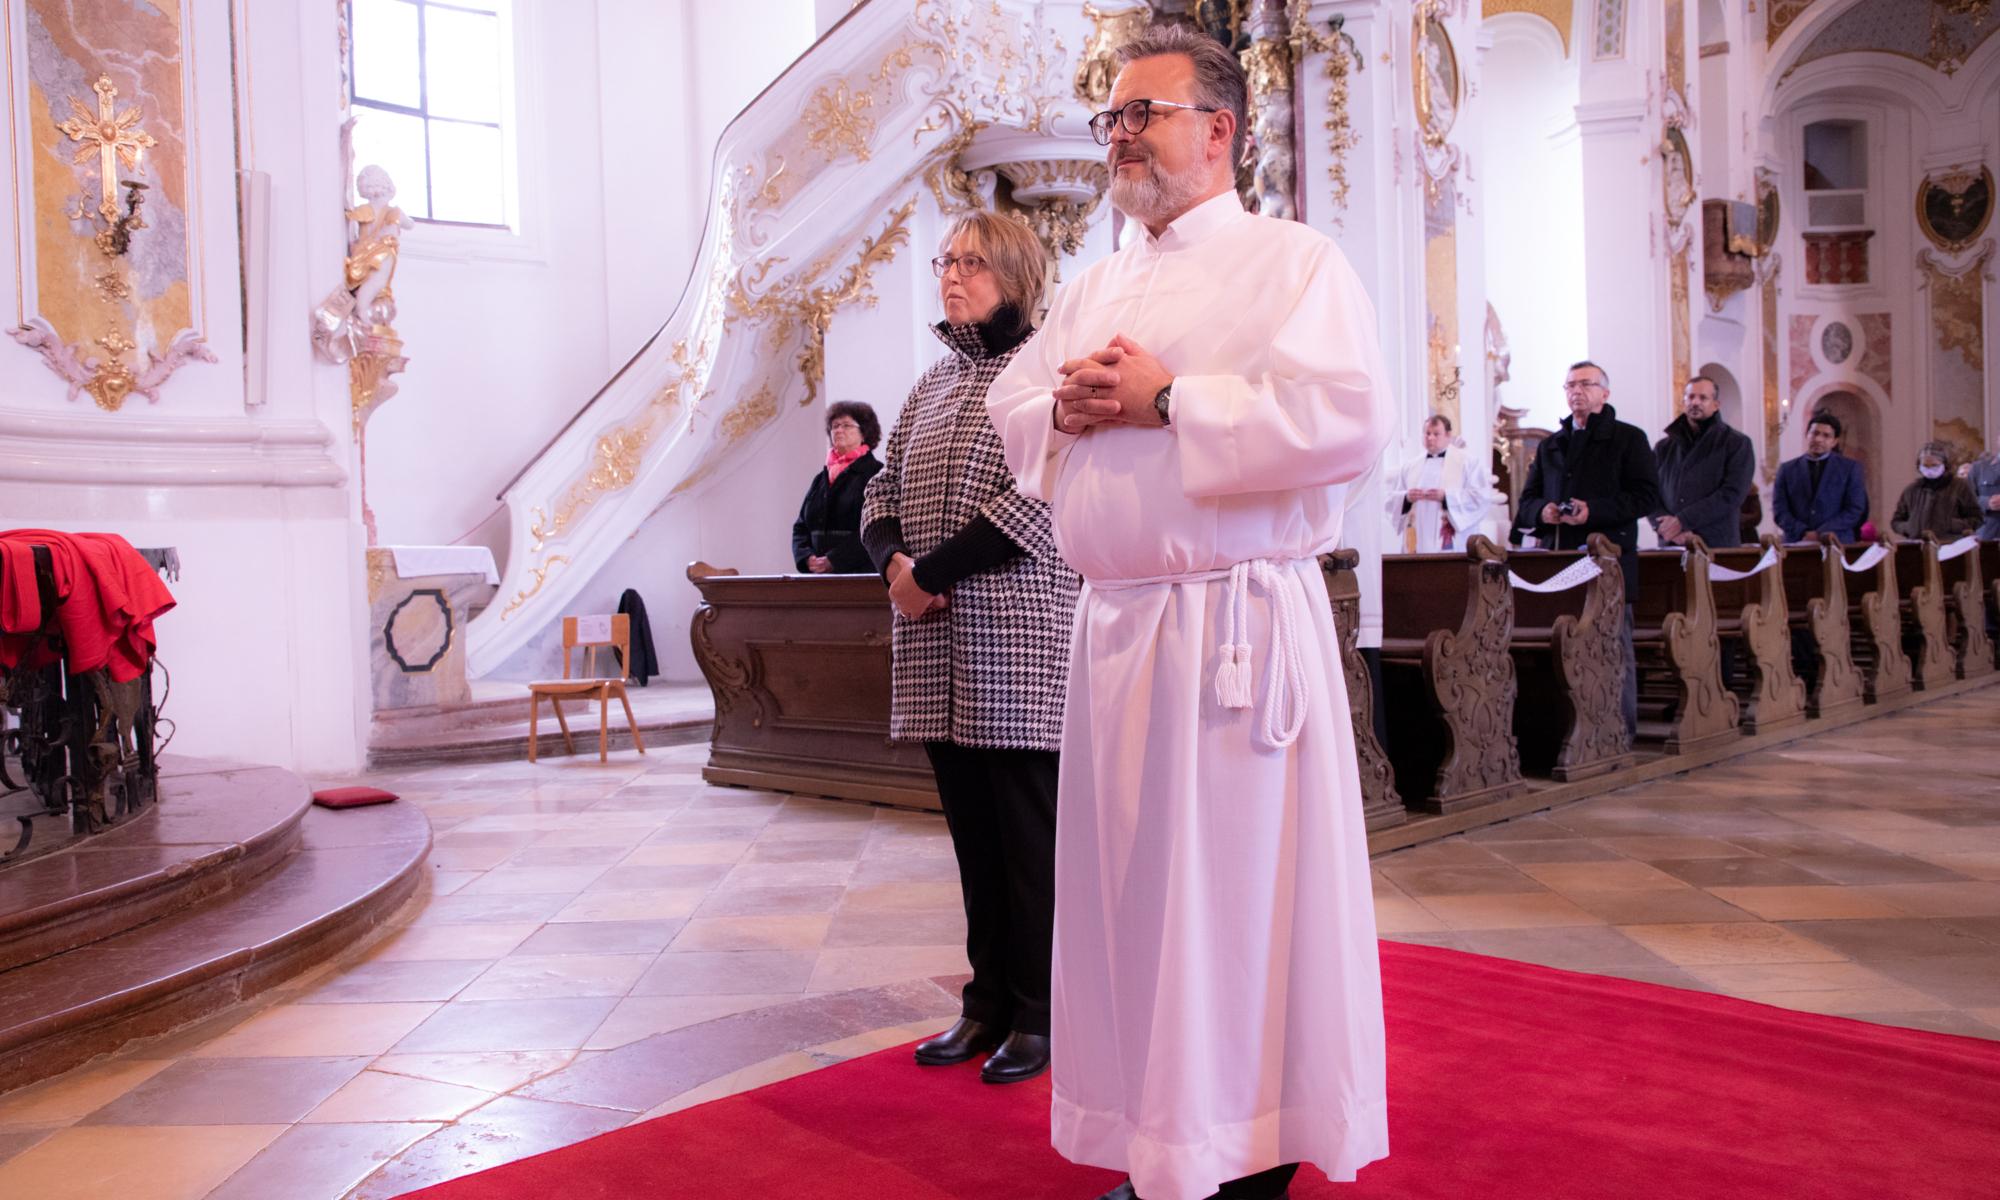 201017 Diakonenweihe Breinbauer 9